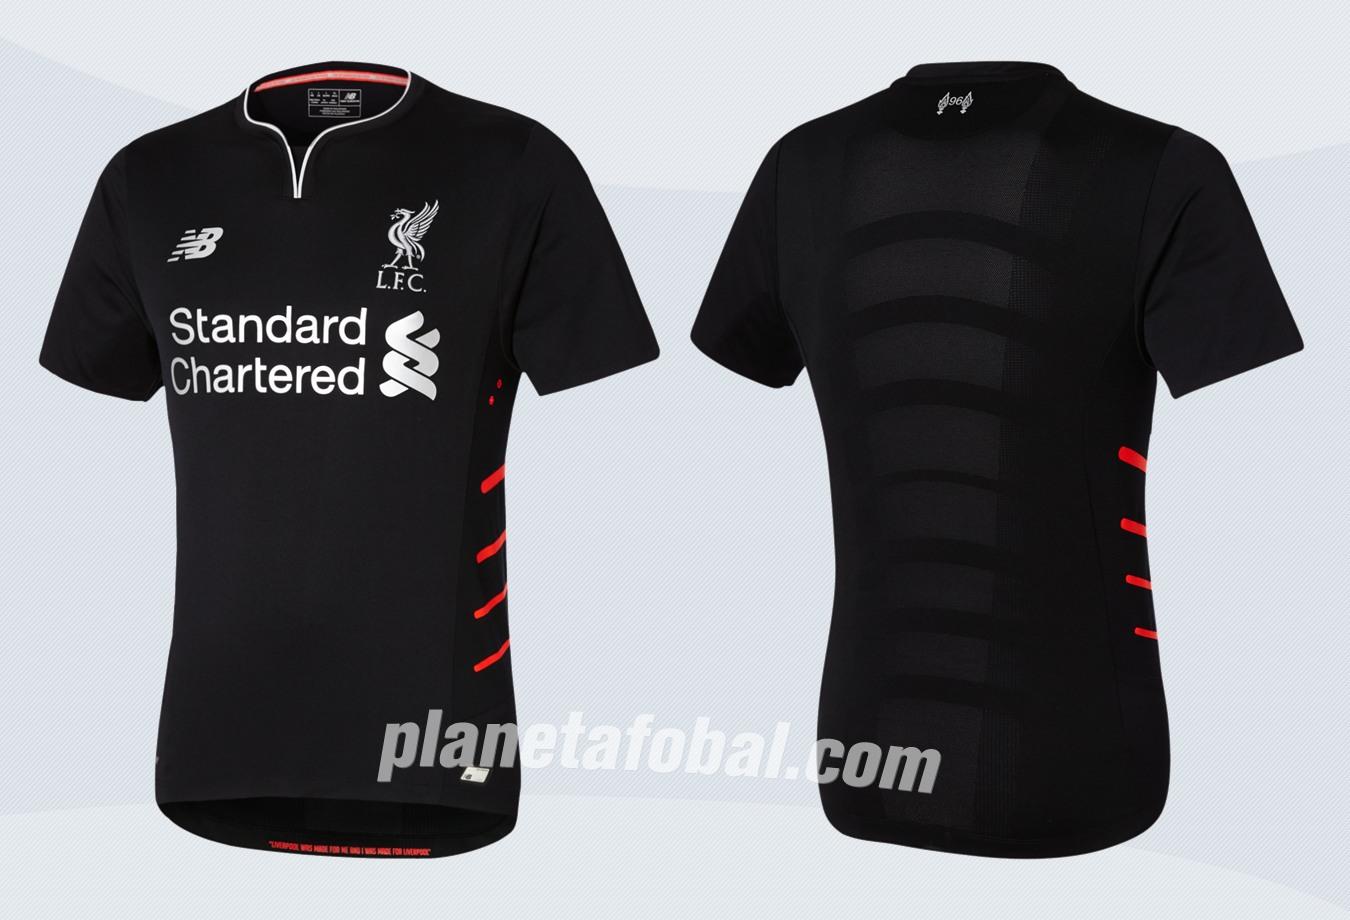 Camiseta suplente New Balance del Liverpool FC | Imágenes Tienda Oficial